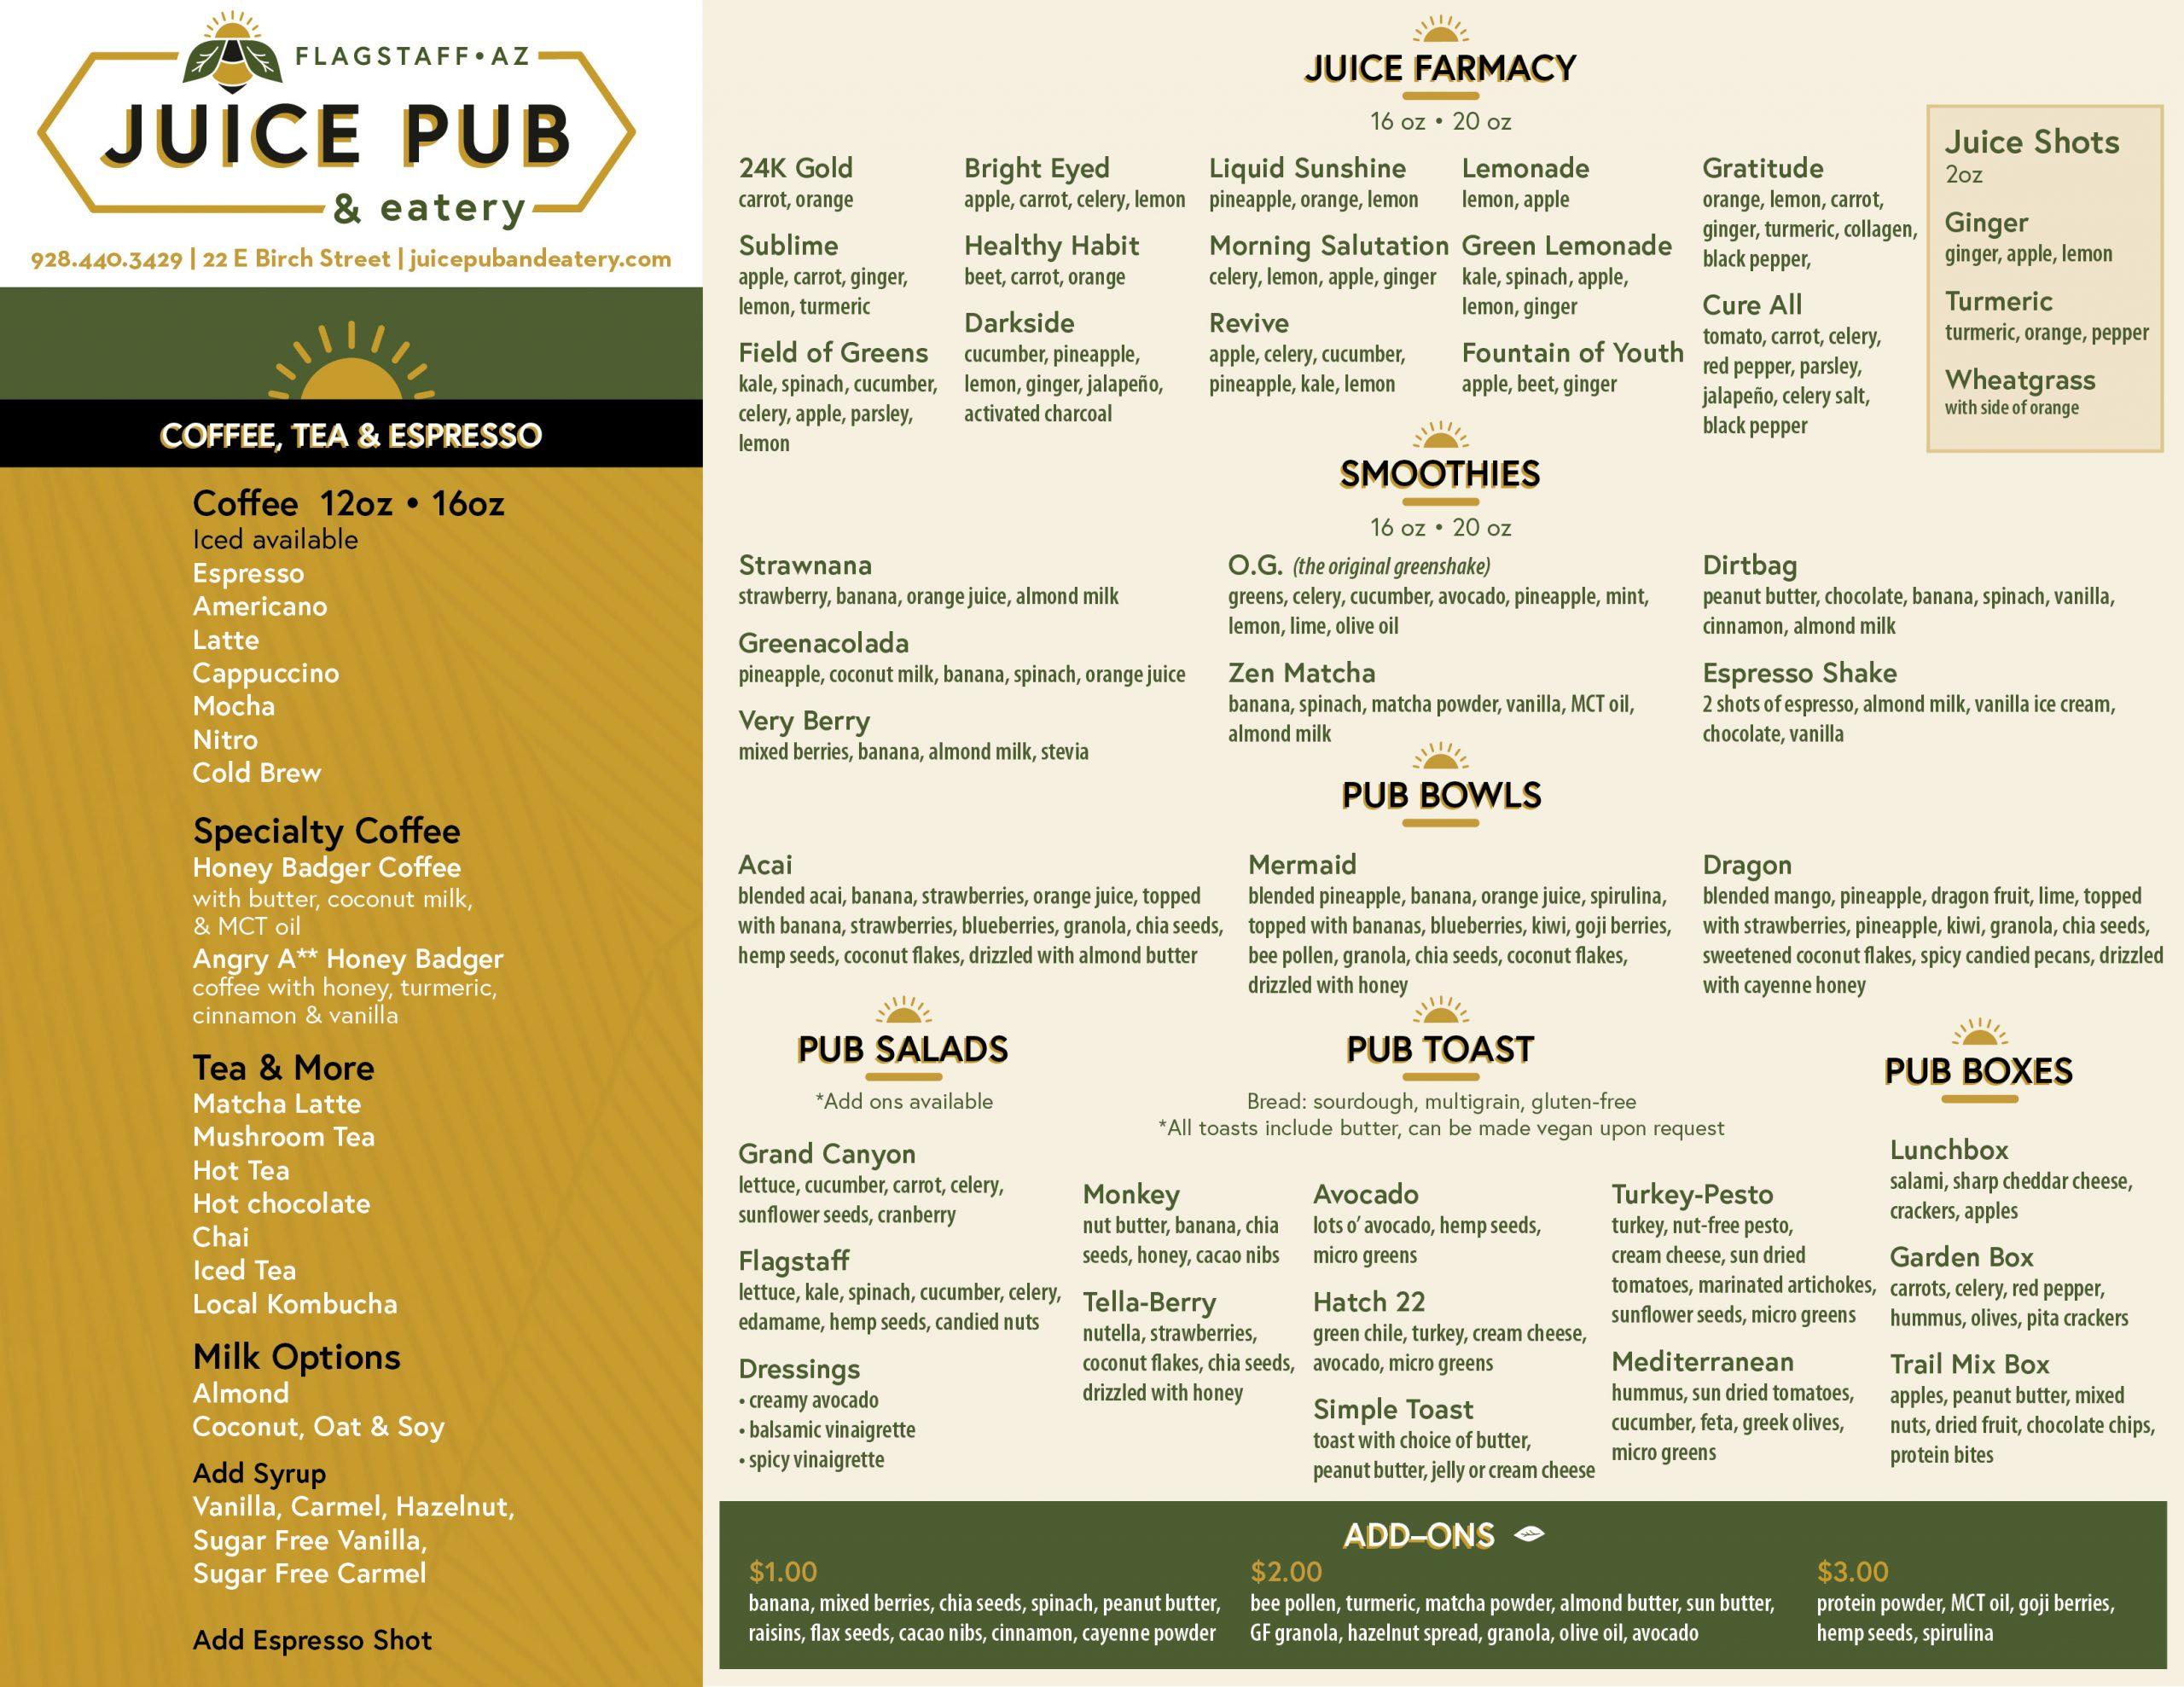 Juice Pub Menu Flagstaff